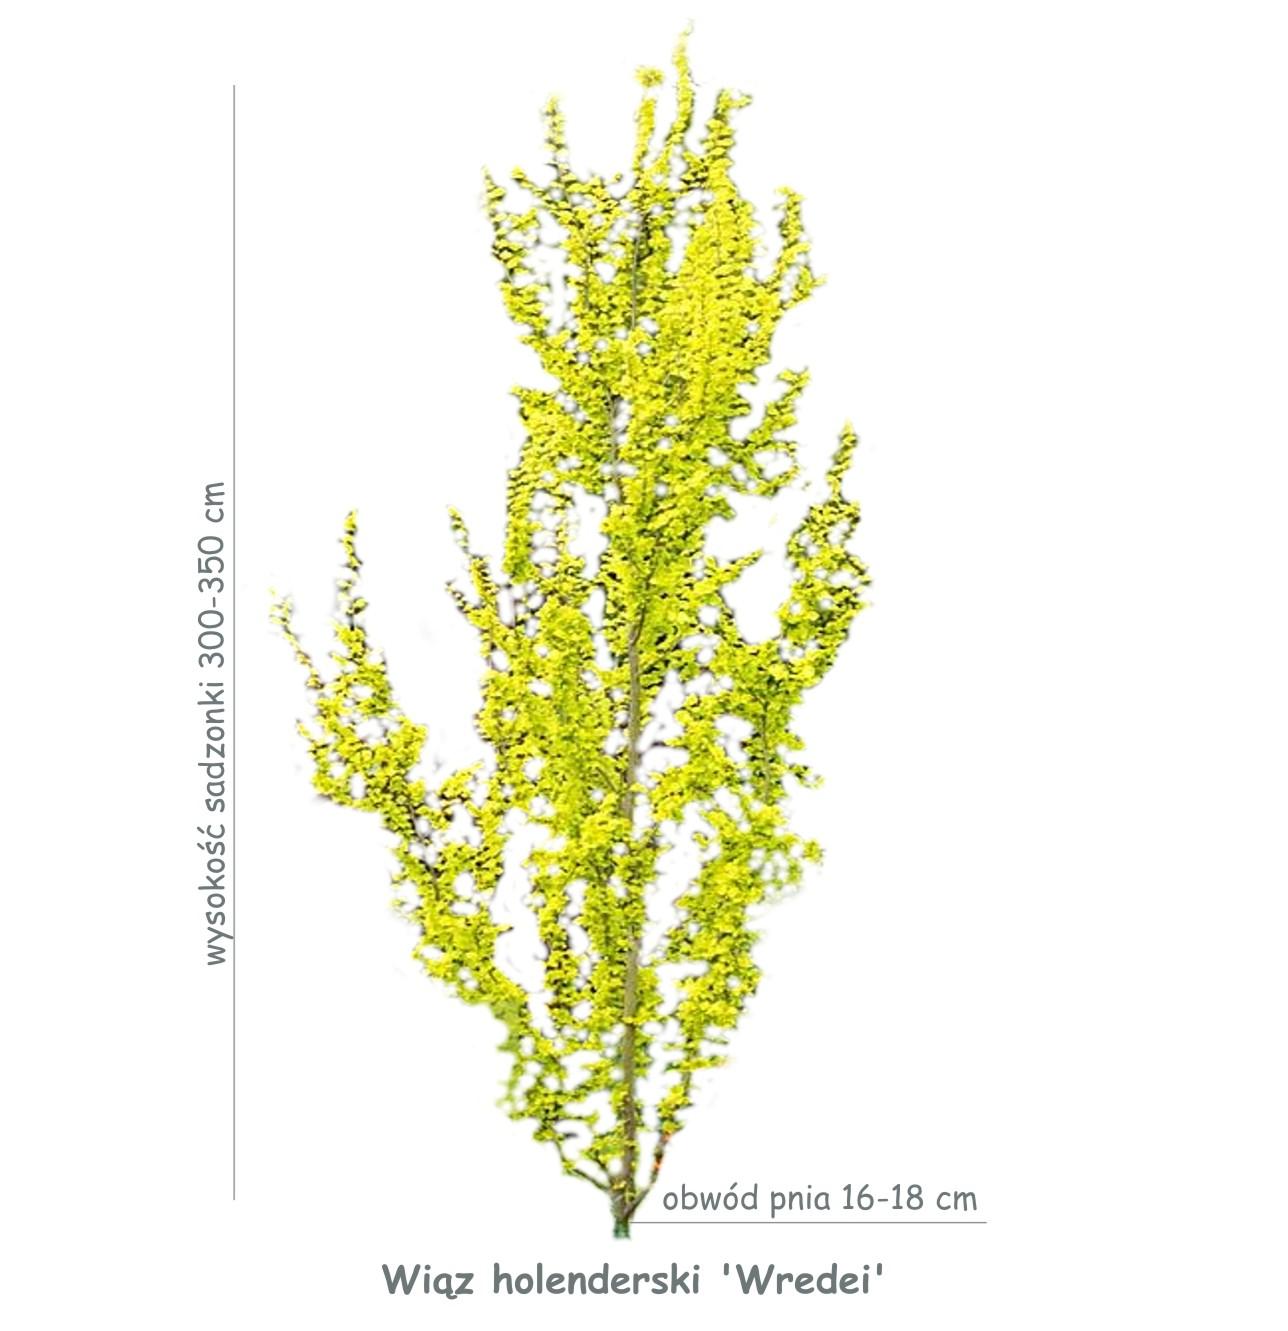 Wiąz holenderski 'Wredei' (Ulmus x hollandica) sadzonka o obwodzie pnia 16-18 cm